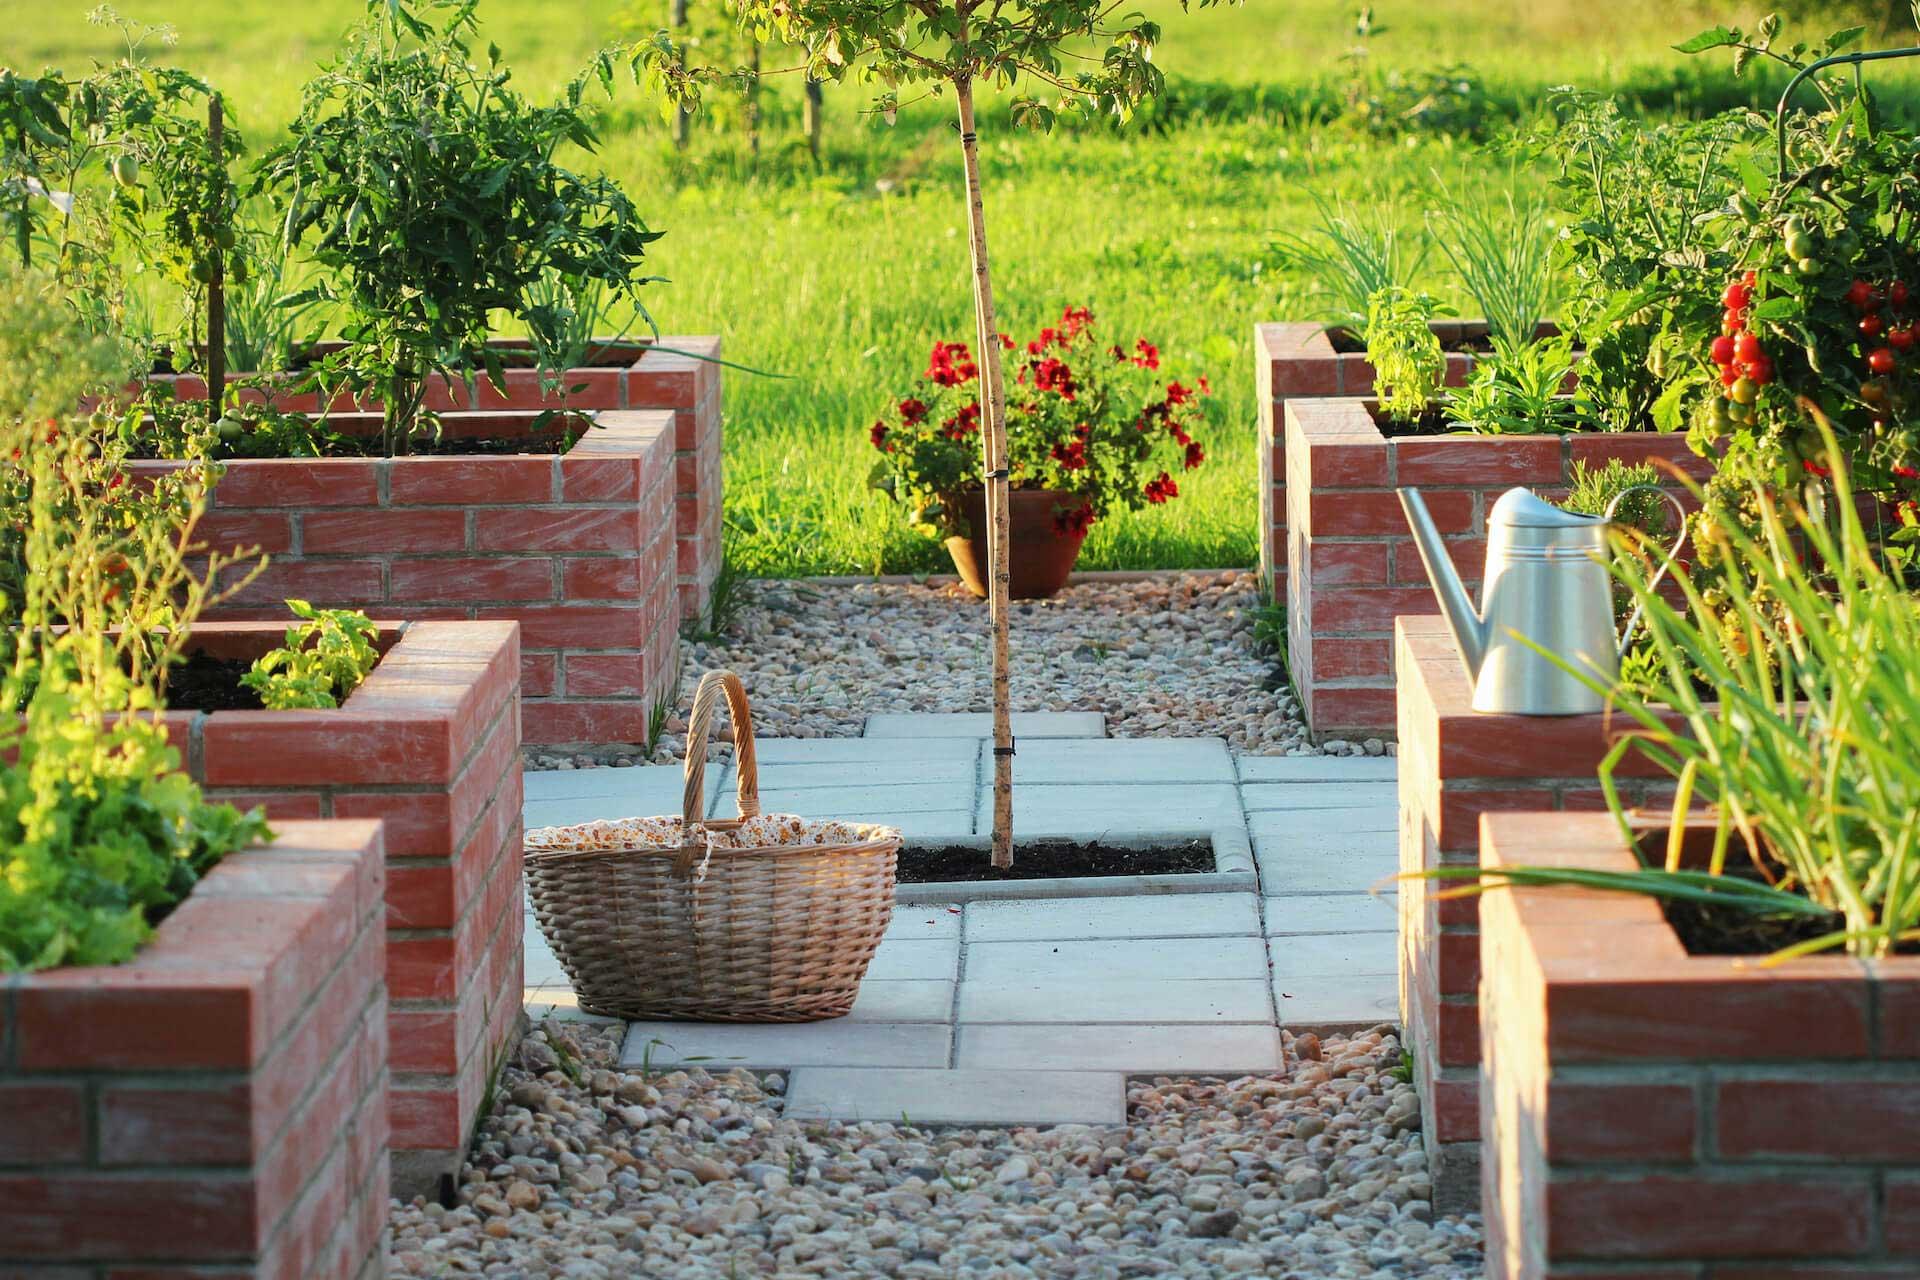 A vegetable garden in raised brick gardening beds.